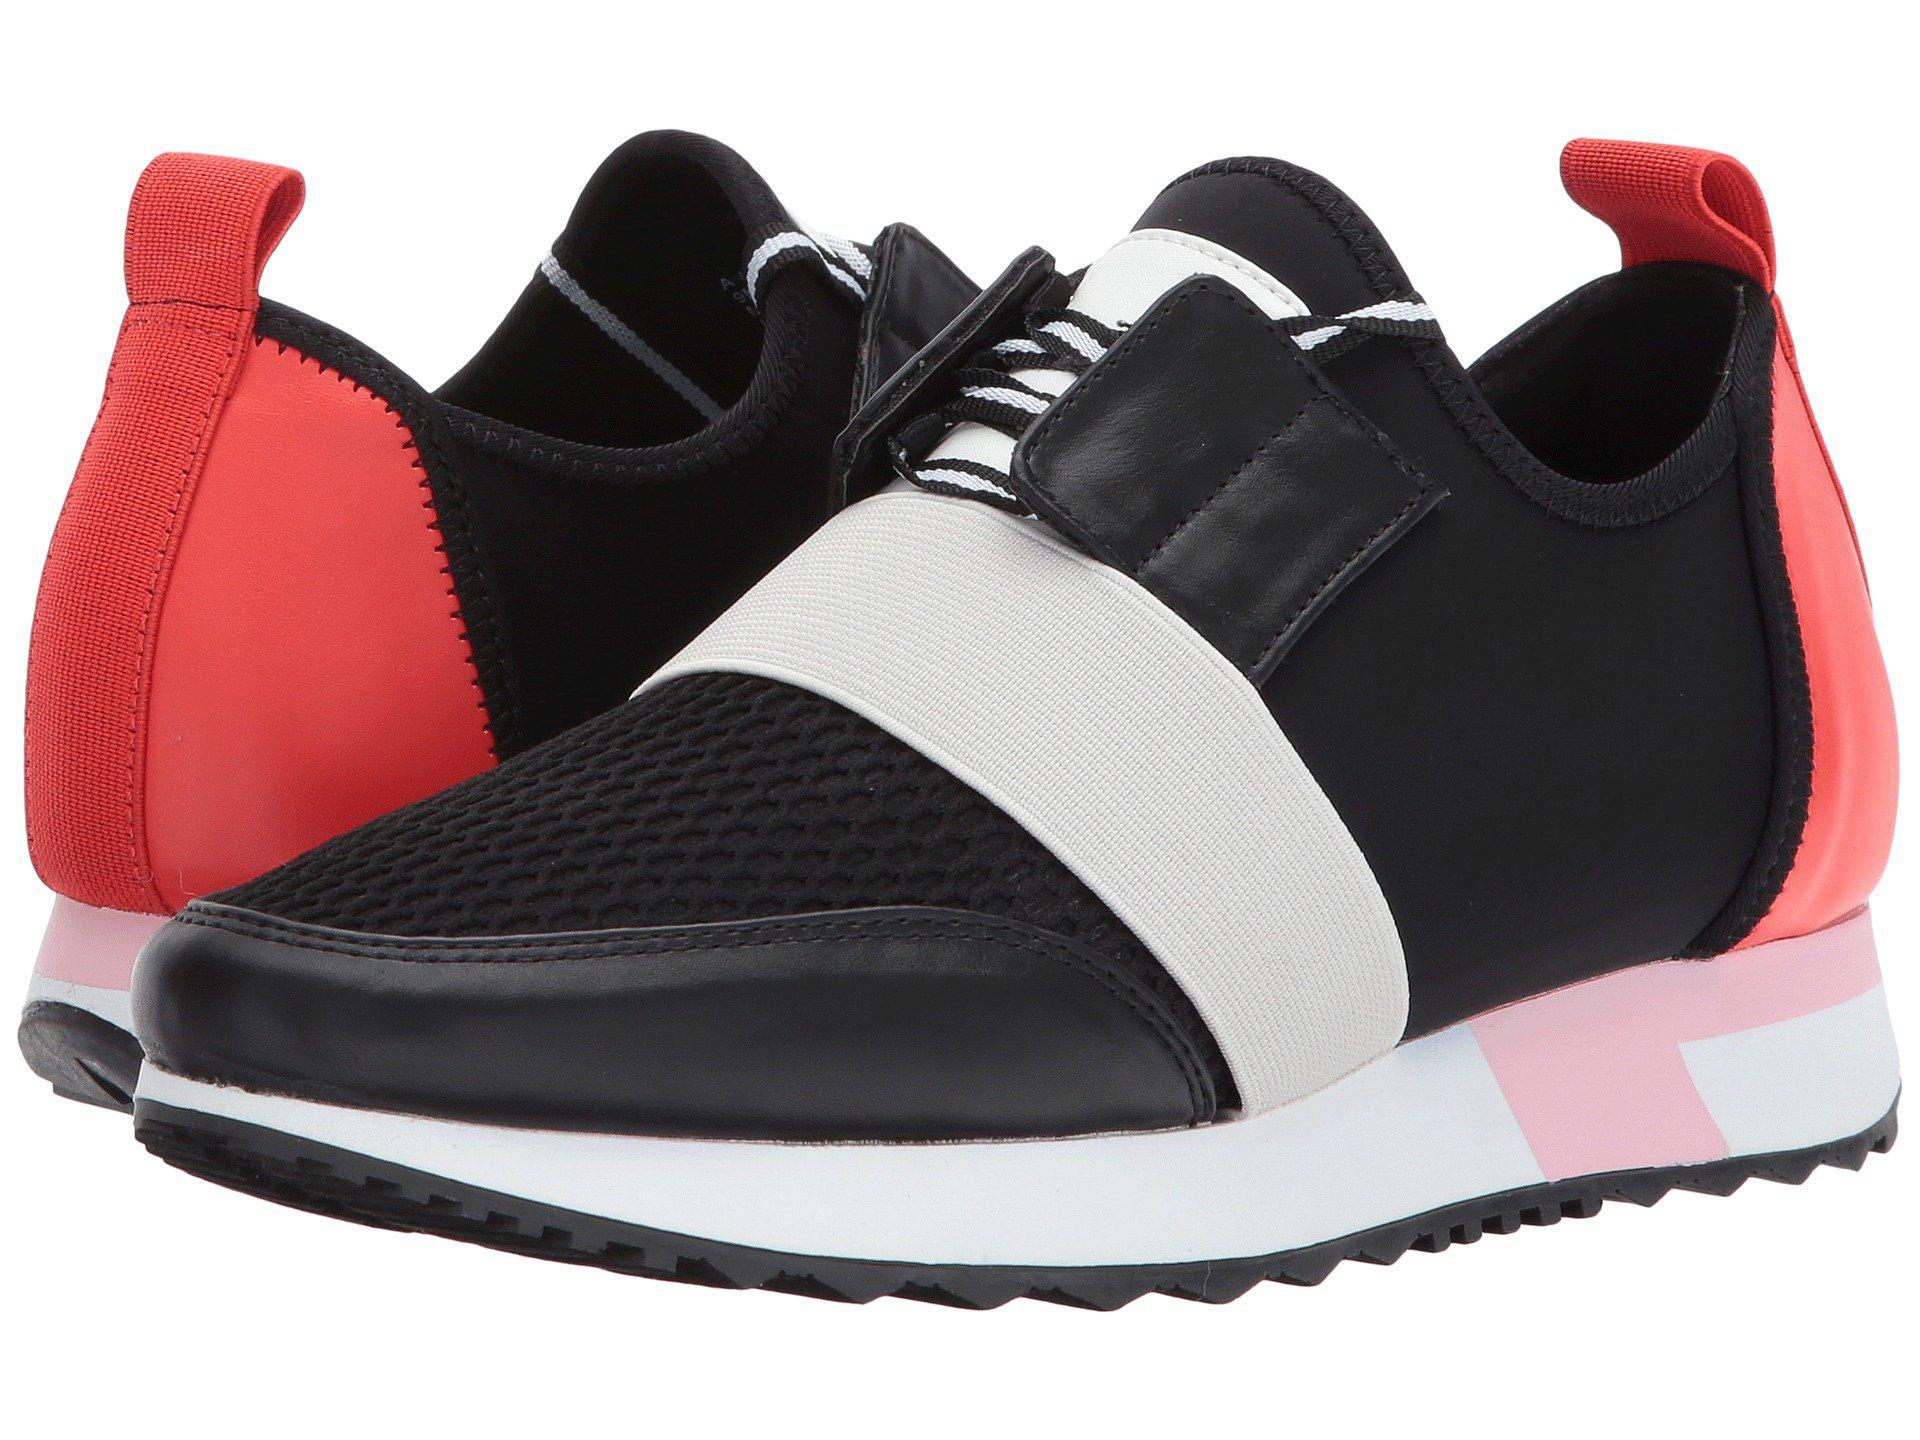 22b194e3031 Lyst - Steve Madden Antics Sneaker in Black - Save 4.838709677419359%